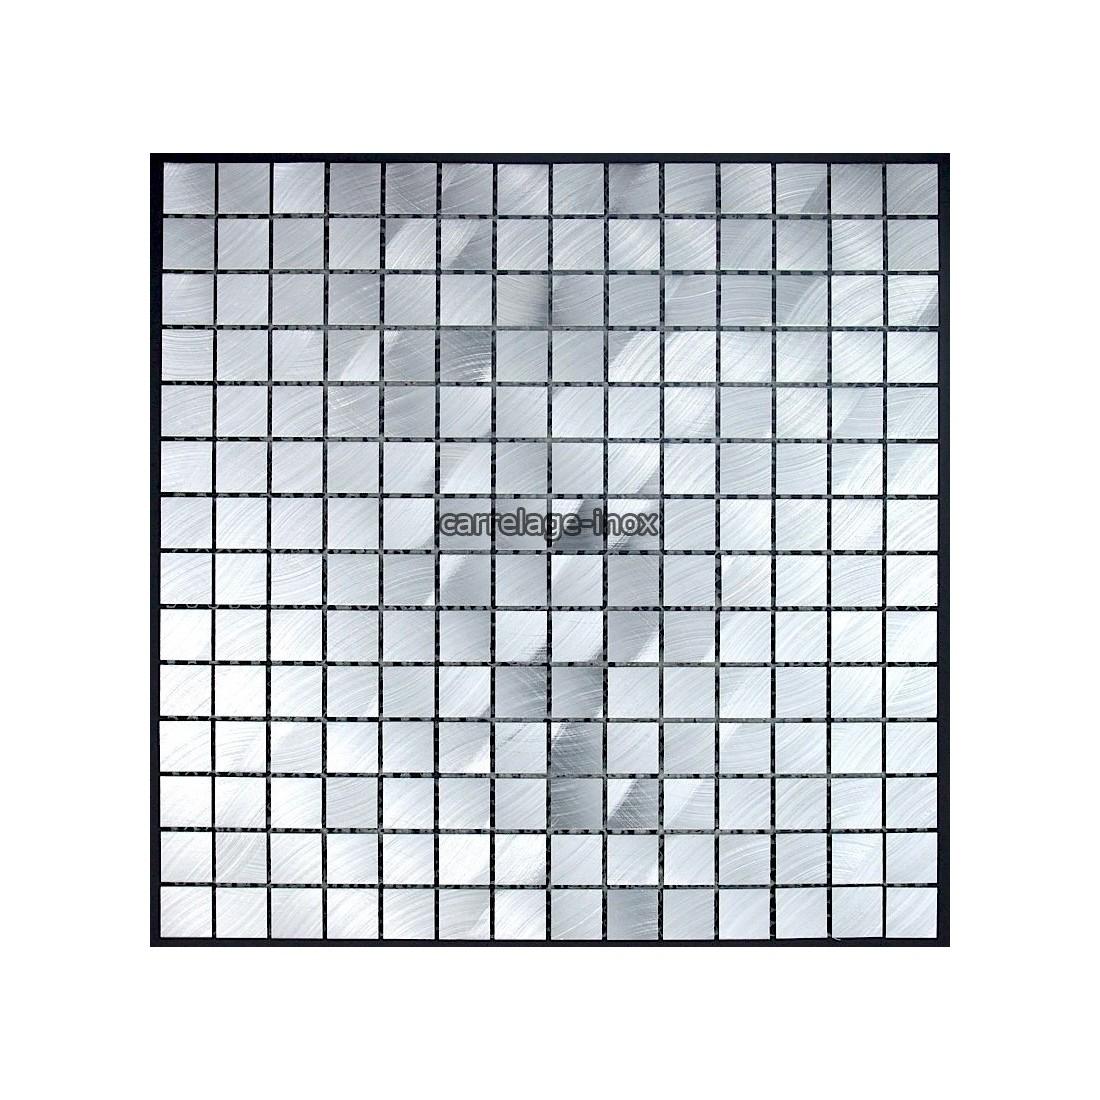 Mosaique et carrelage aluminium alu 20 - Credence cuisine alu ou inox ...